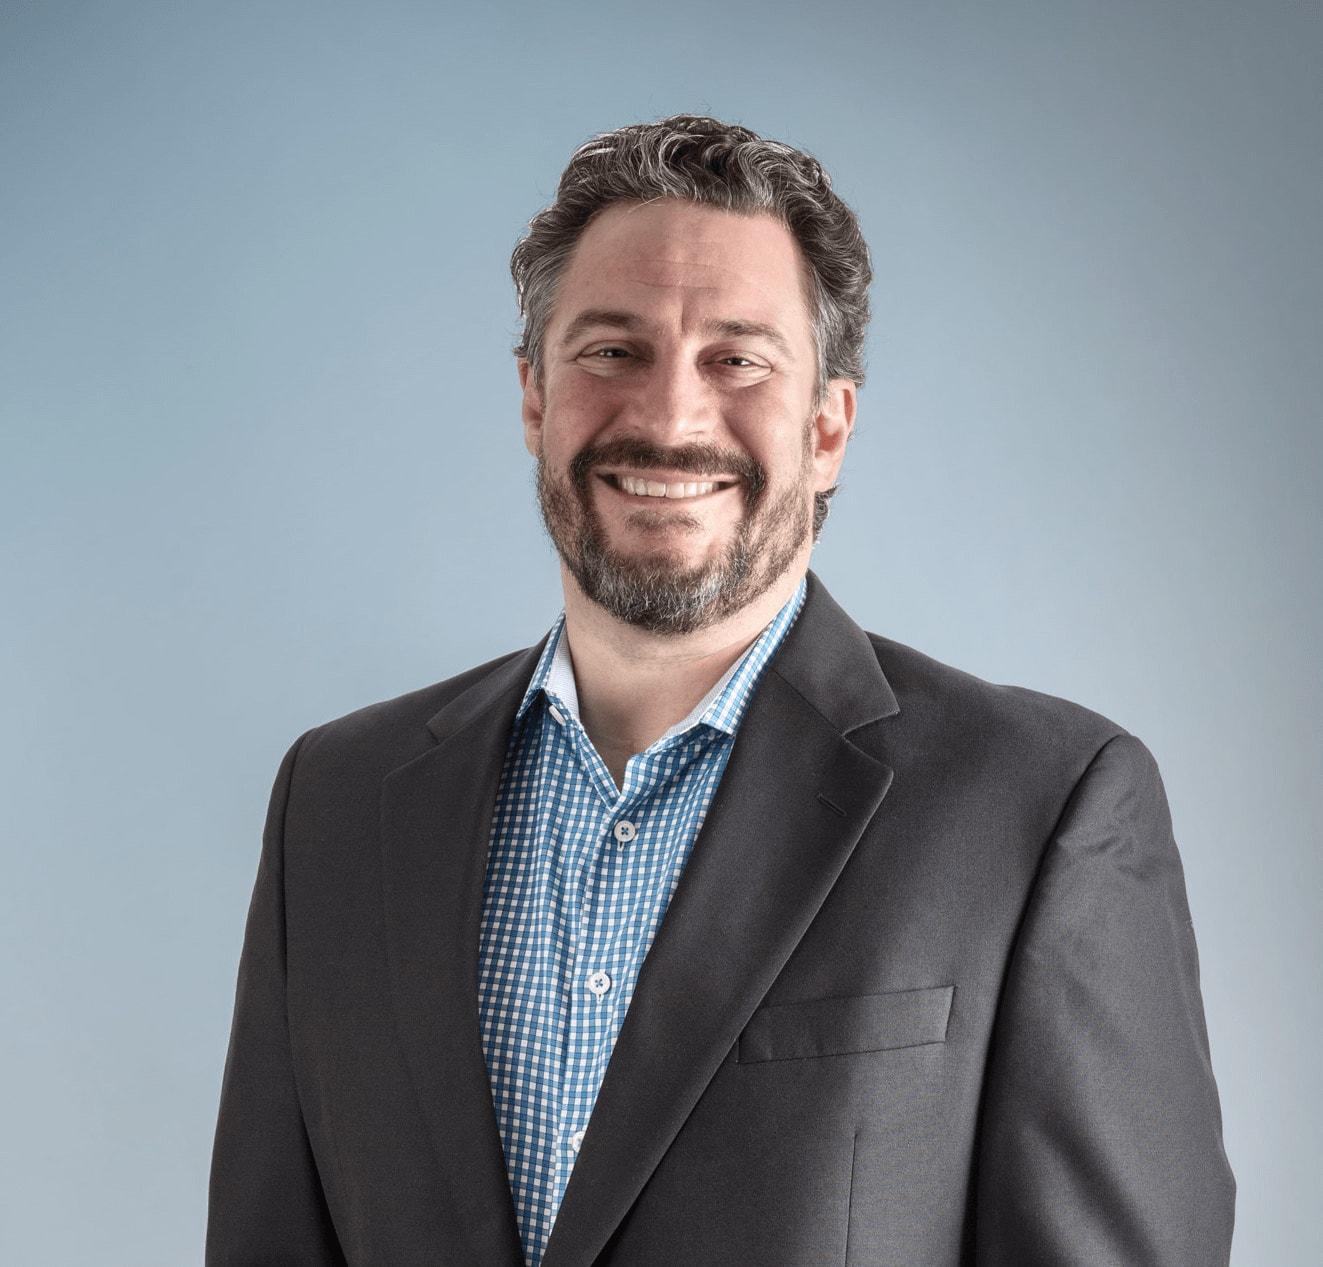 Scott Rabinowitz